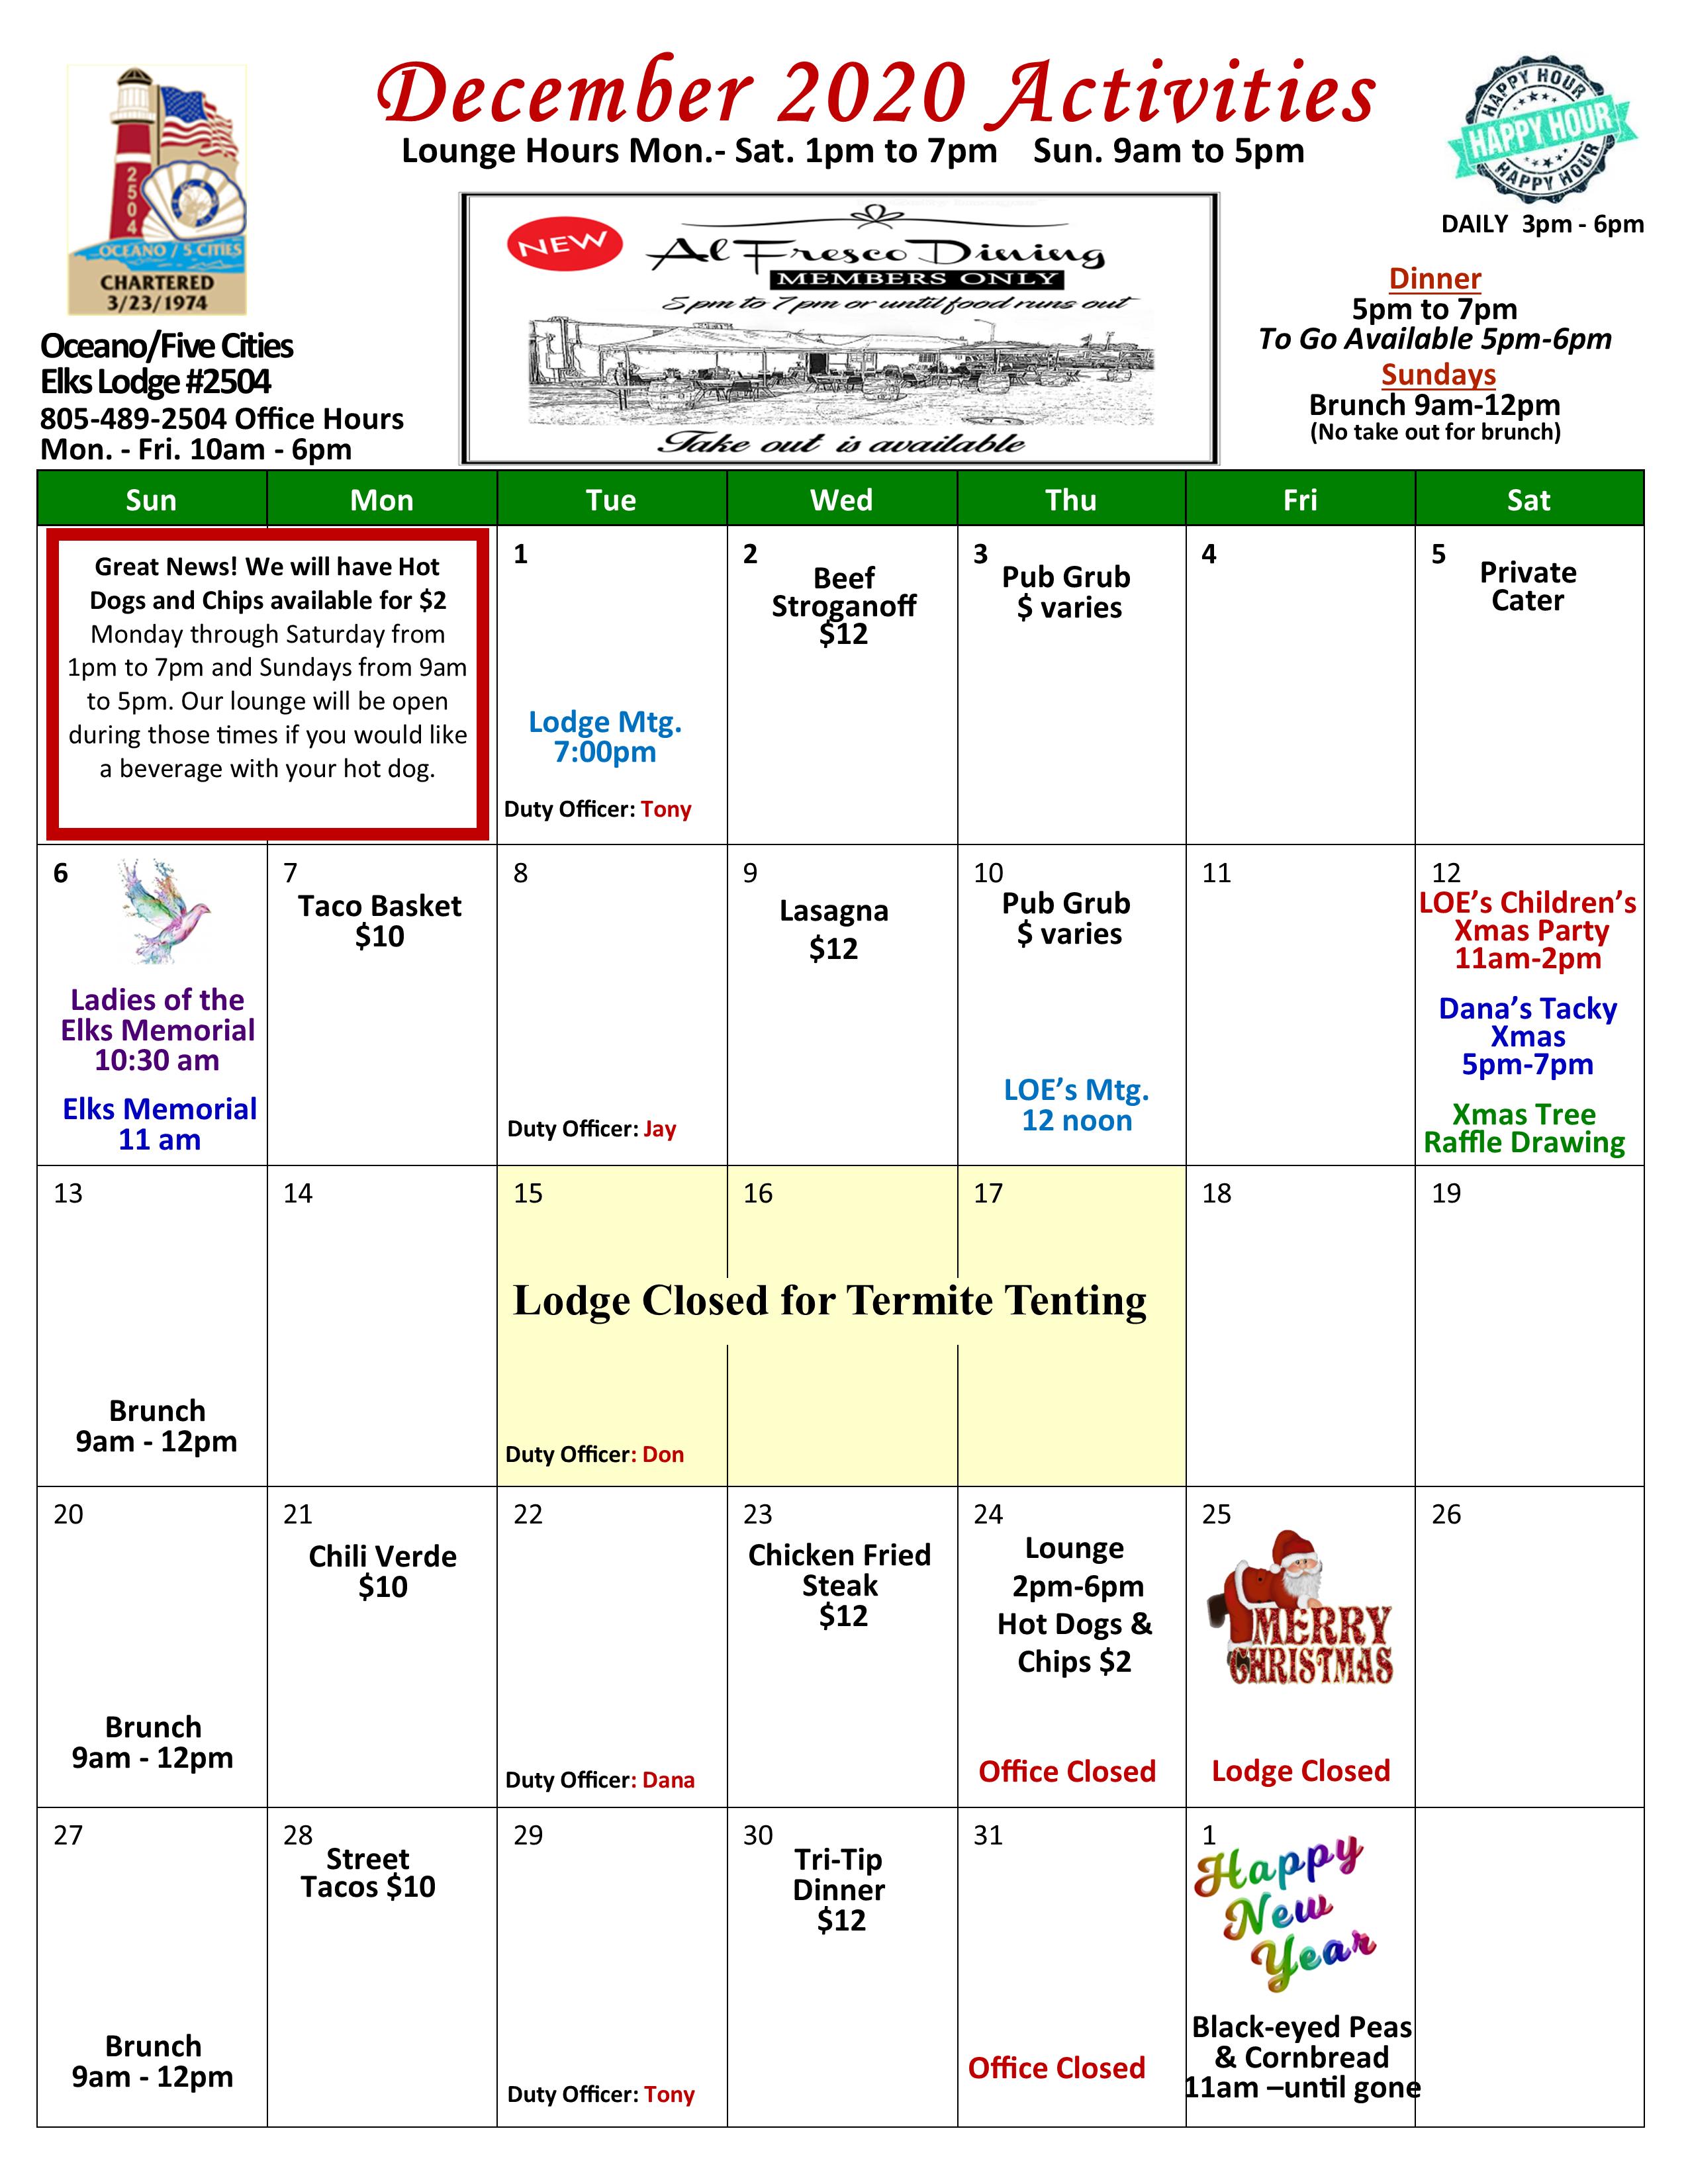 December 2020 Event Calendar